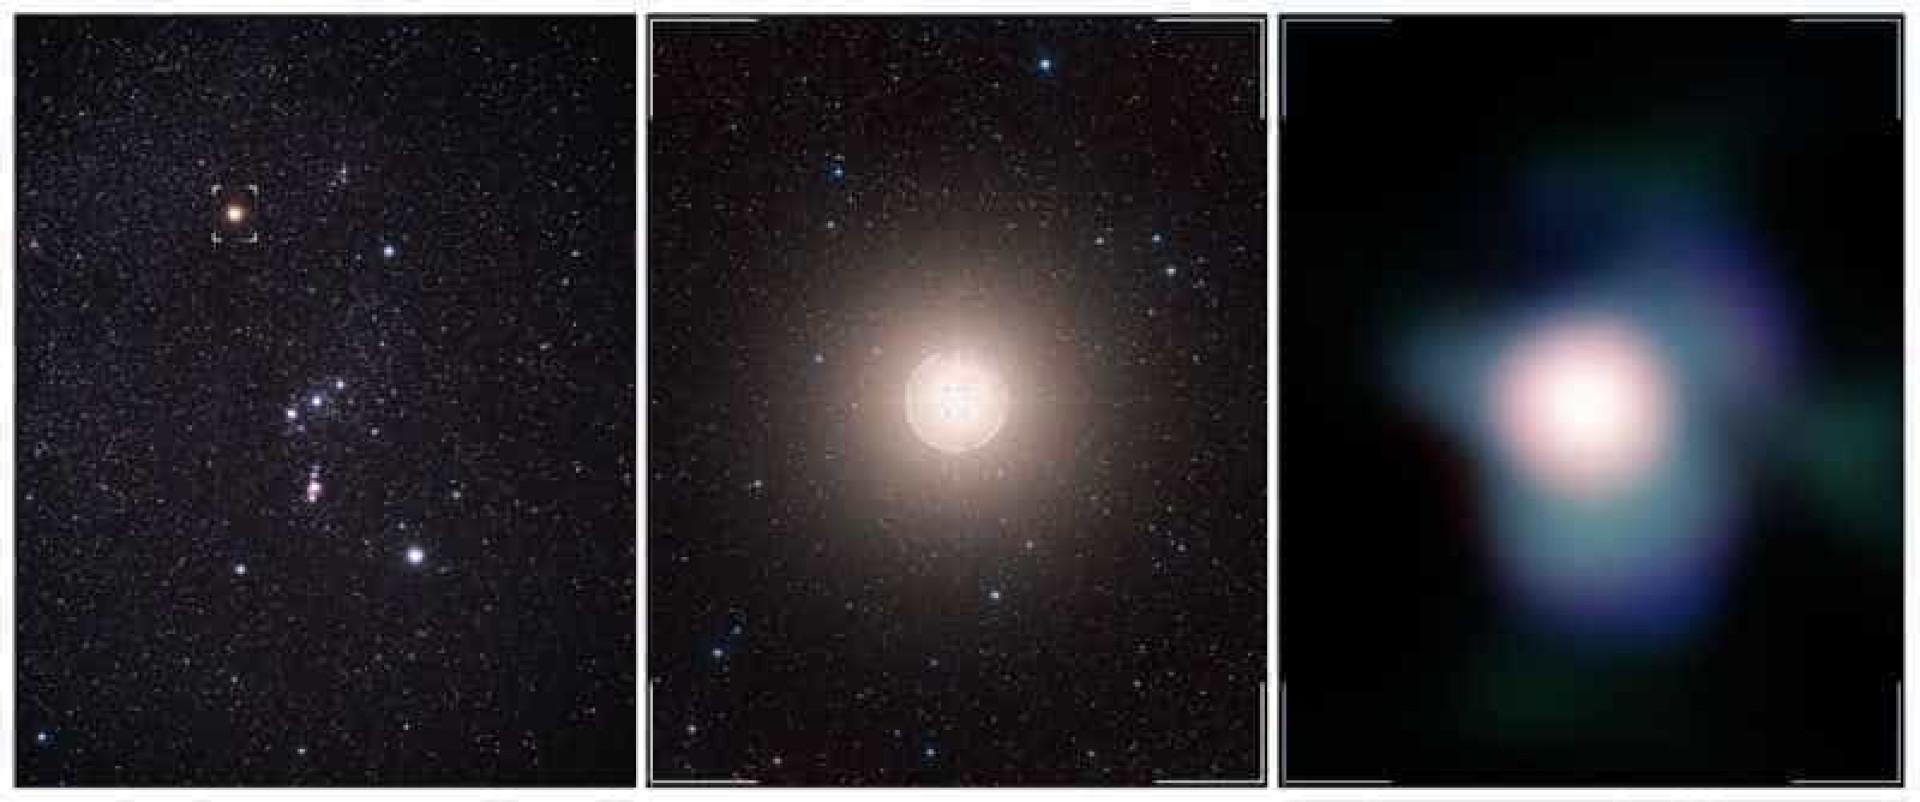 Astrónomos captam impressionante imagem da estrela de Orion